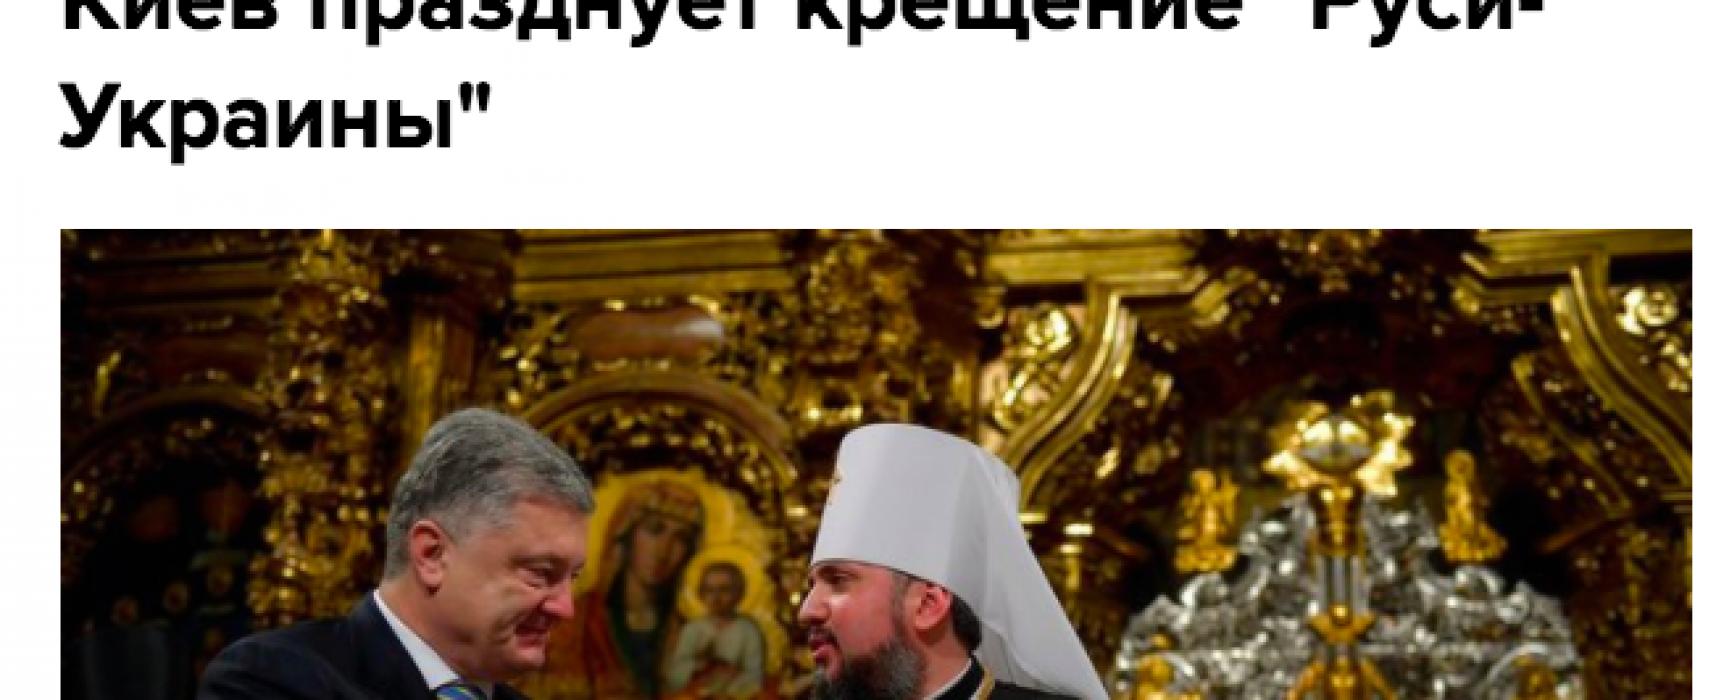 Манипуляция: «Была, оказывается, такая страна» — зачем Киев празднует крещение «Руси-Украины»